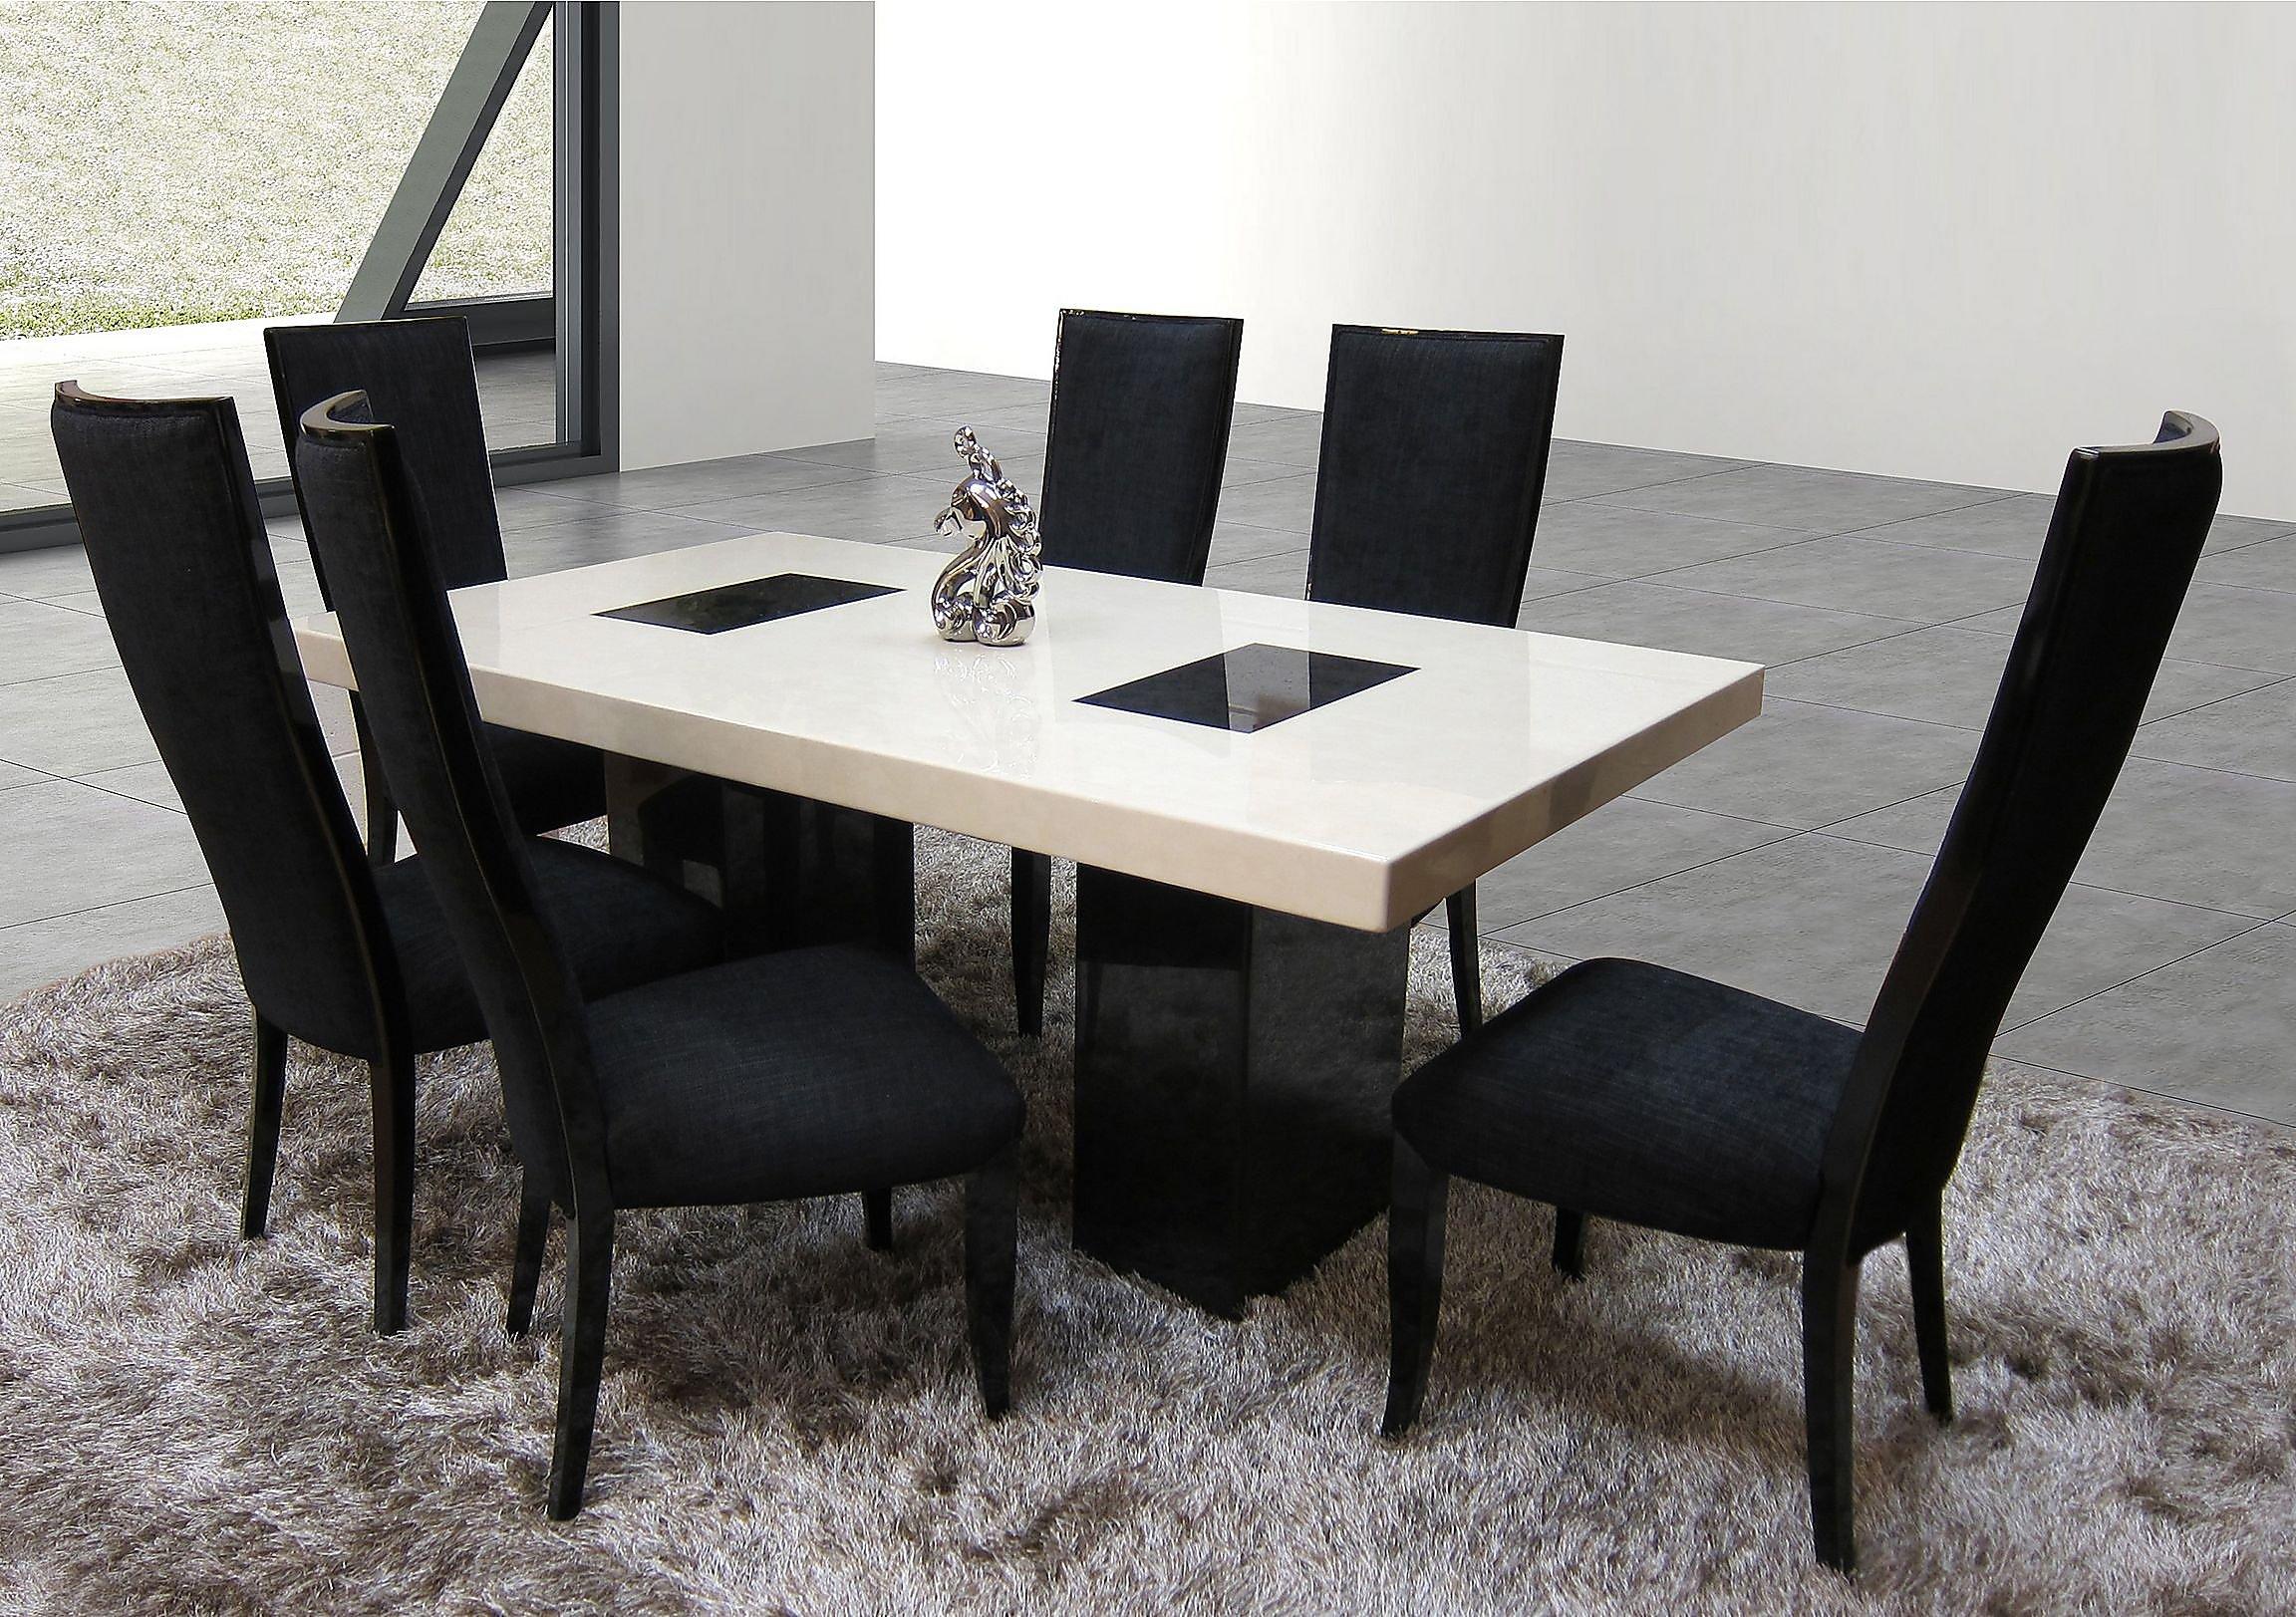 Hyatt marble dining table loading images